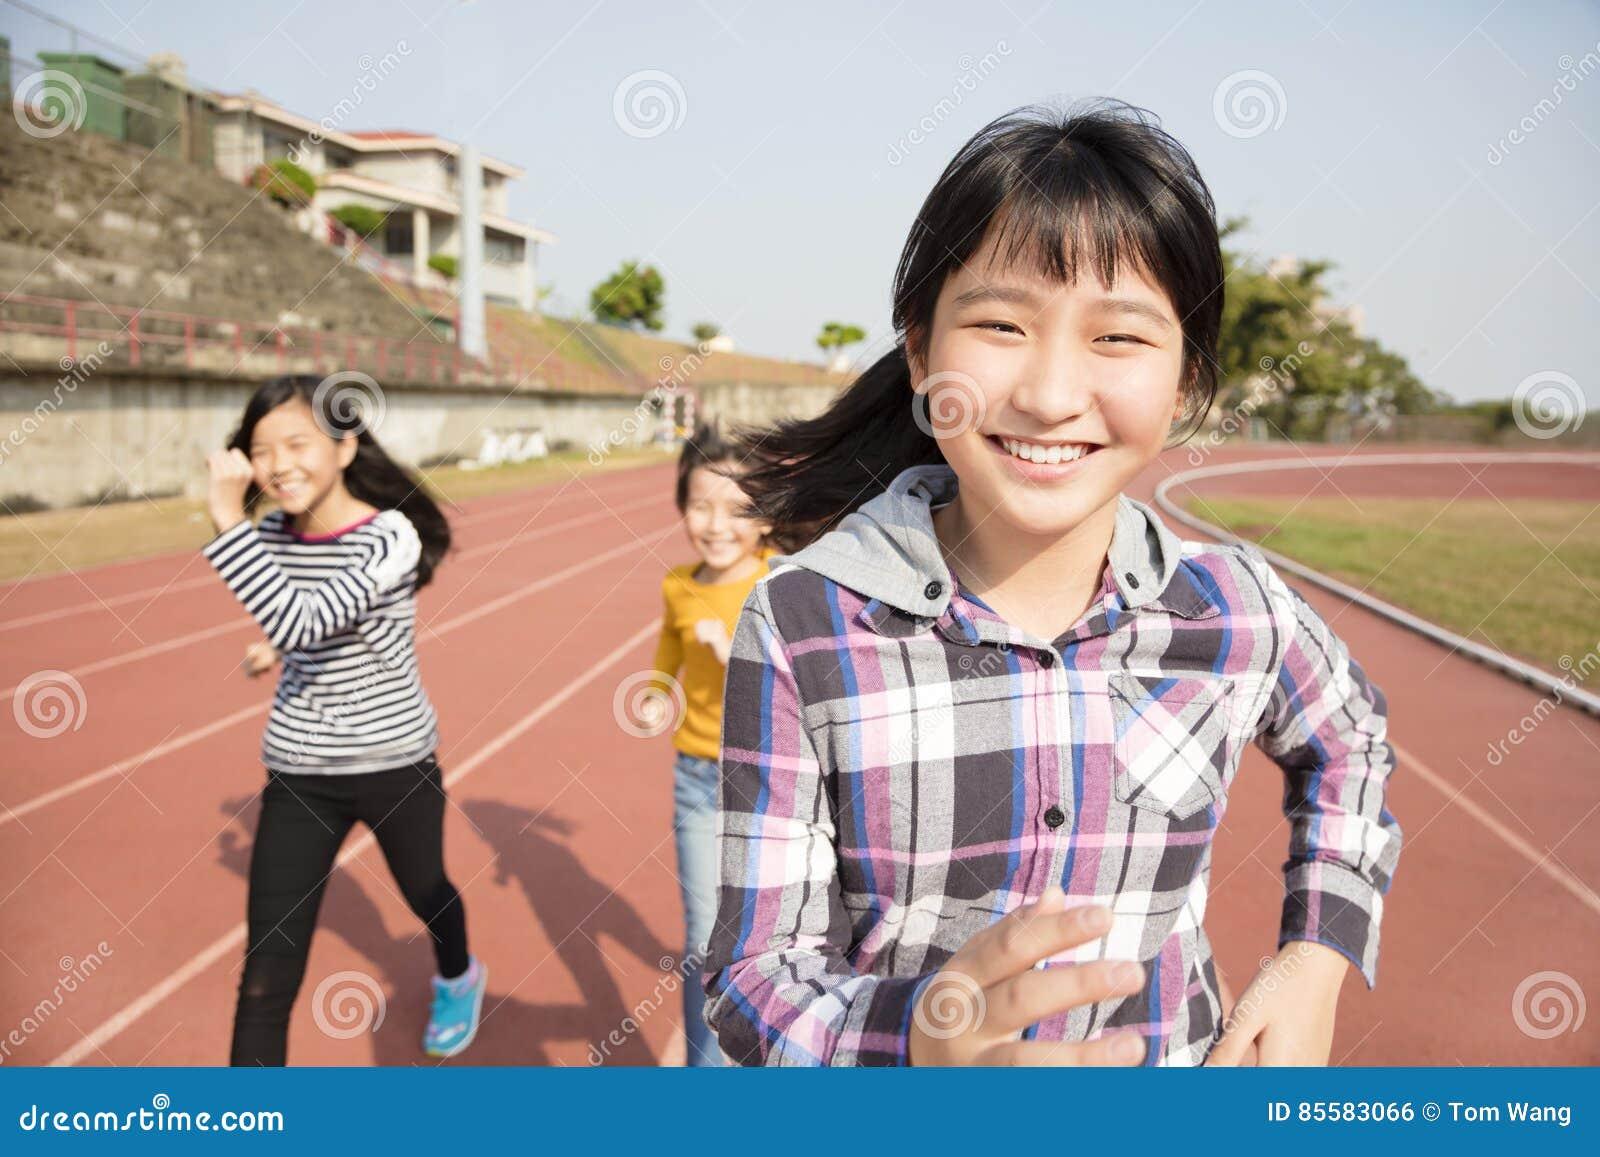 Glückliche Jugendlichmädchen, die auf der Bahn laufen